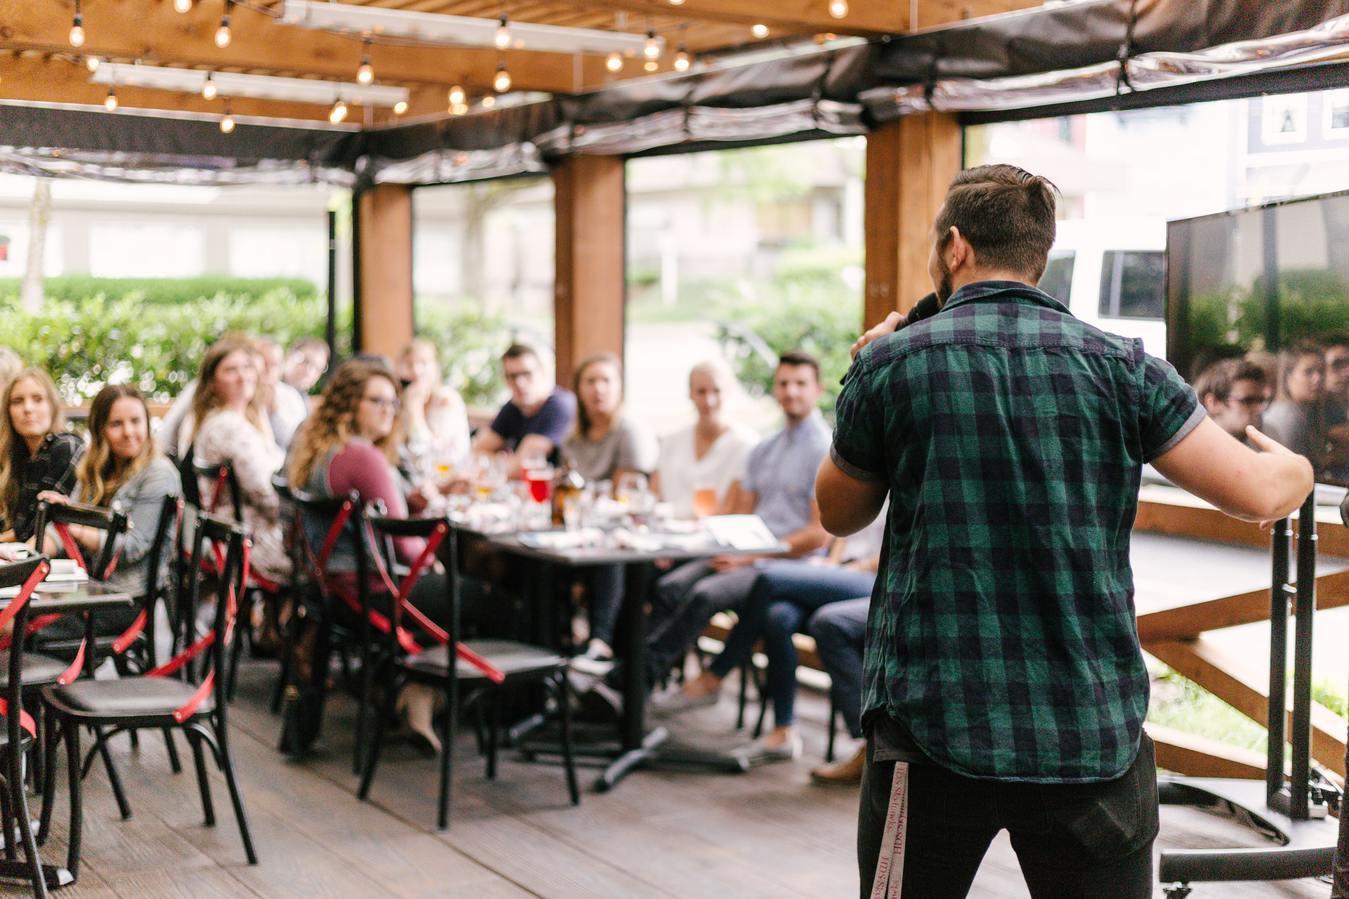 Persona dando discurso en un evento